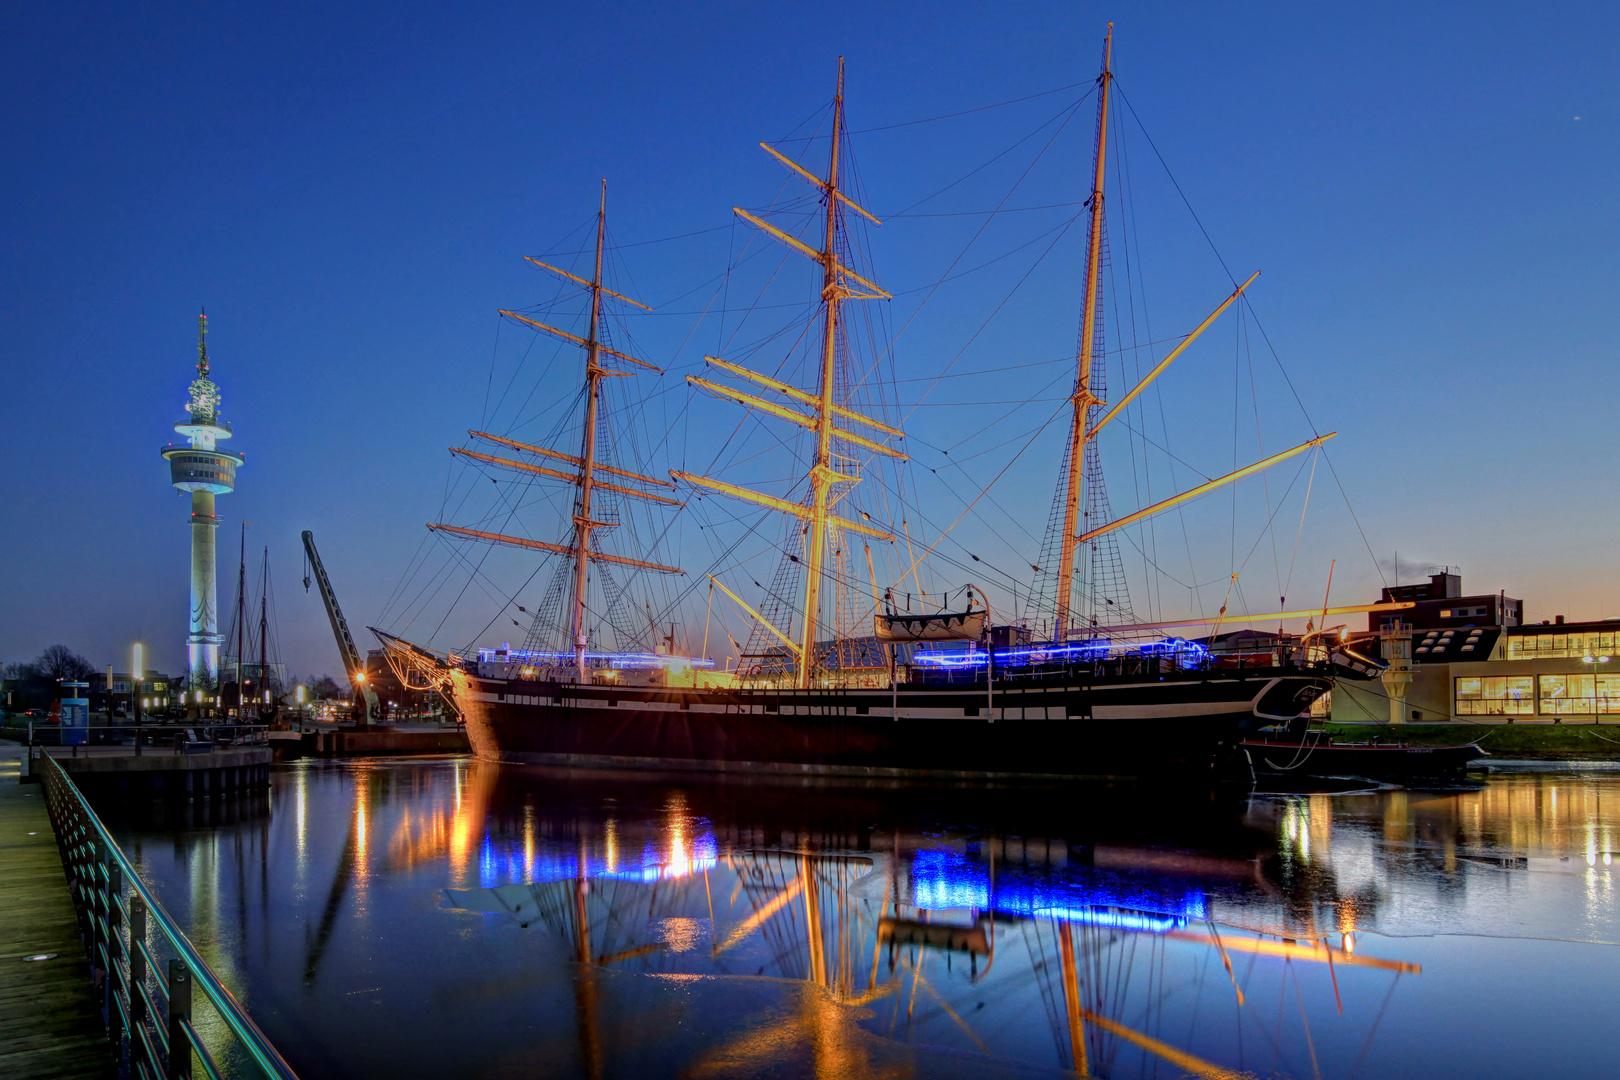 Teil --4--: Havenwelten Bremerhaven am 2.2.2012